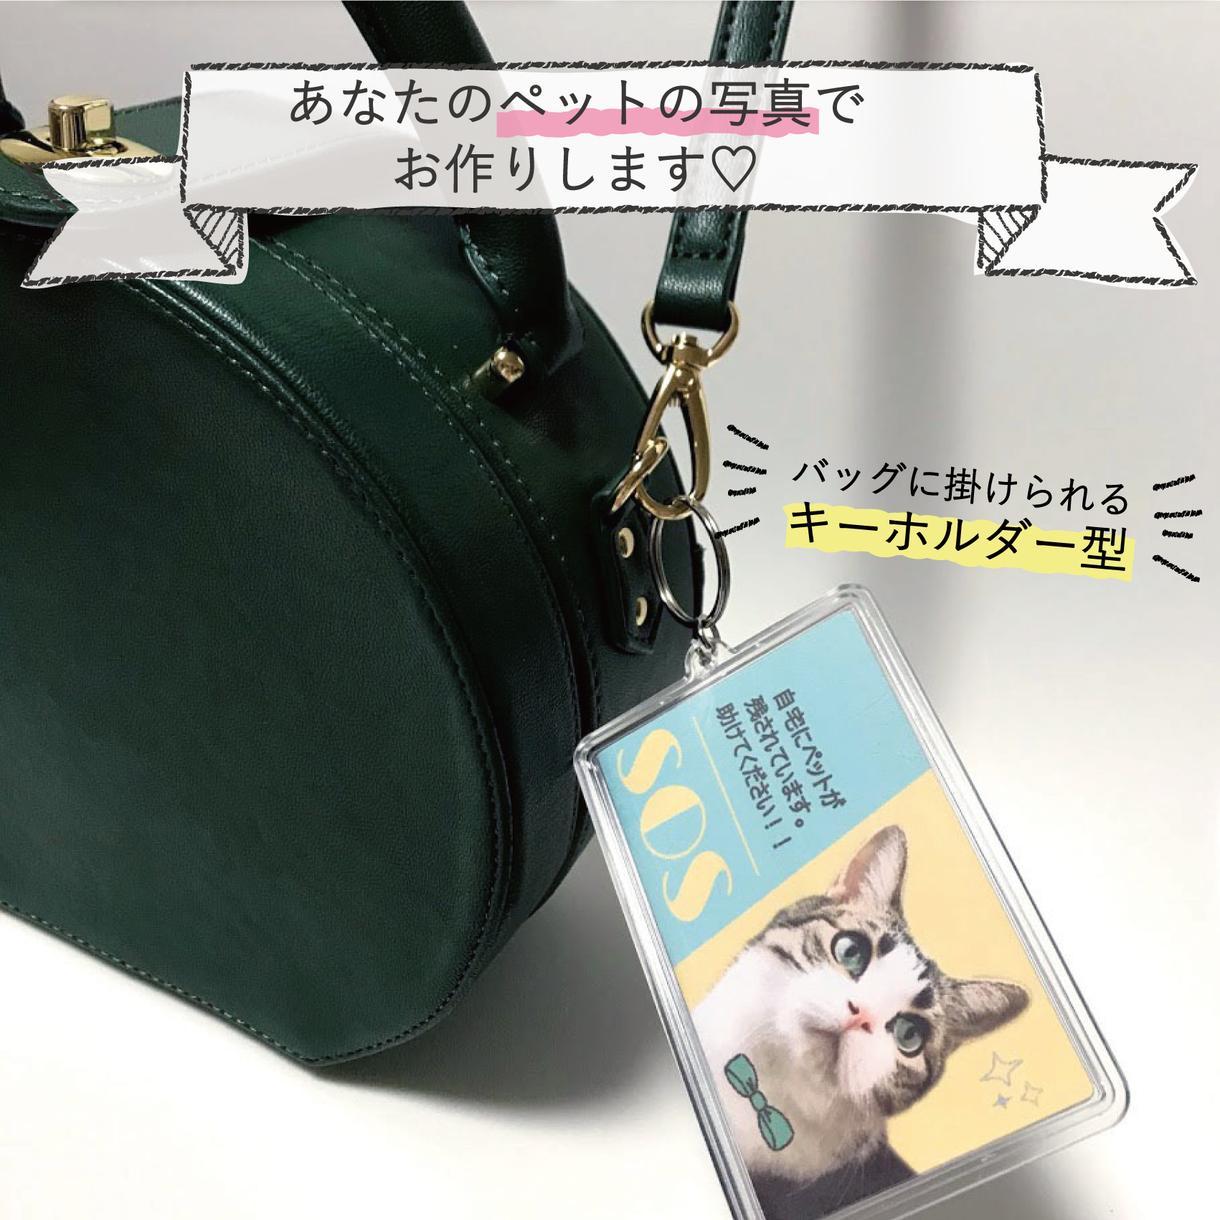 ペットの写真で! レスキューカード お作りします いざという時、大切なペットを守るために備えませんか?